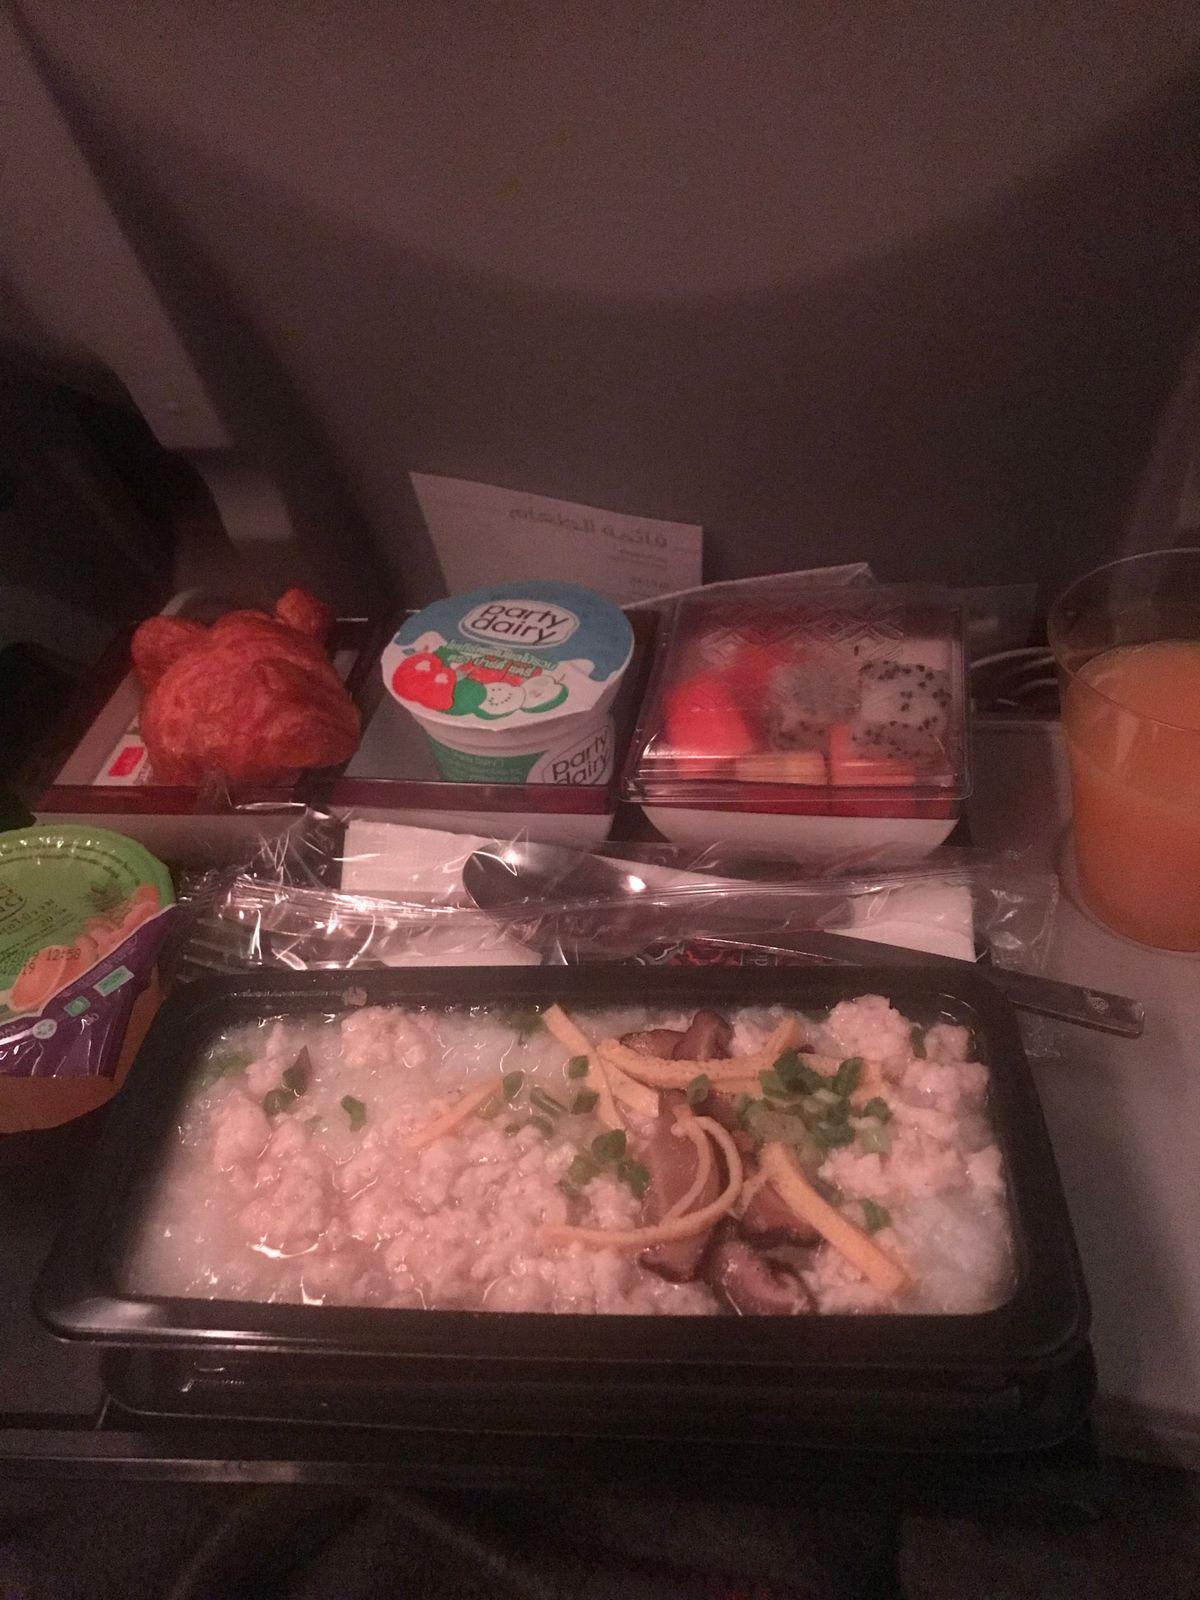 เช้าๆก่อนลงที่สนามบินนานาชาติ ฮาหมัด ก็ขอทานโจ็ครองท้องก่อนนะ  อยากบอกอร่อยมาก